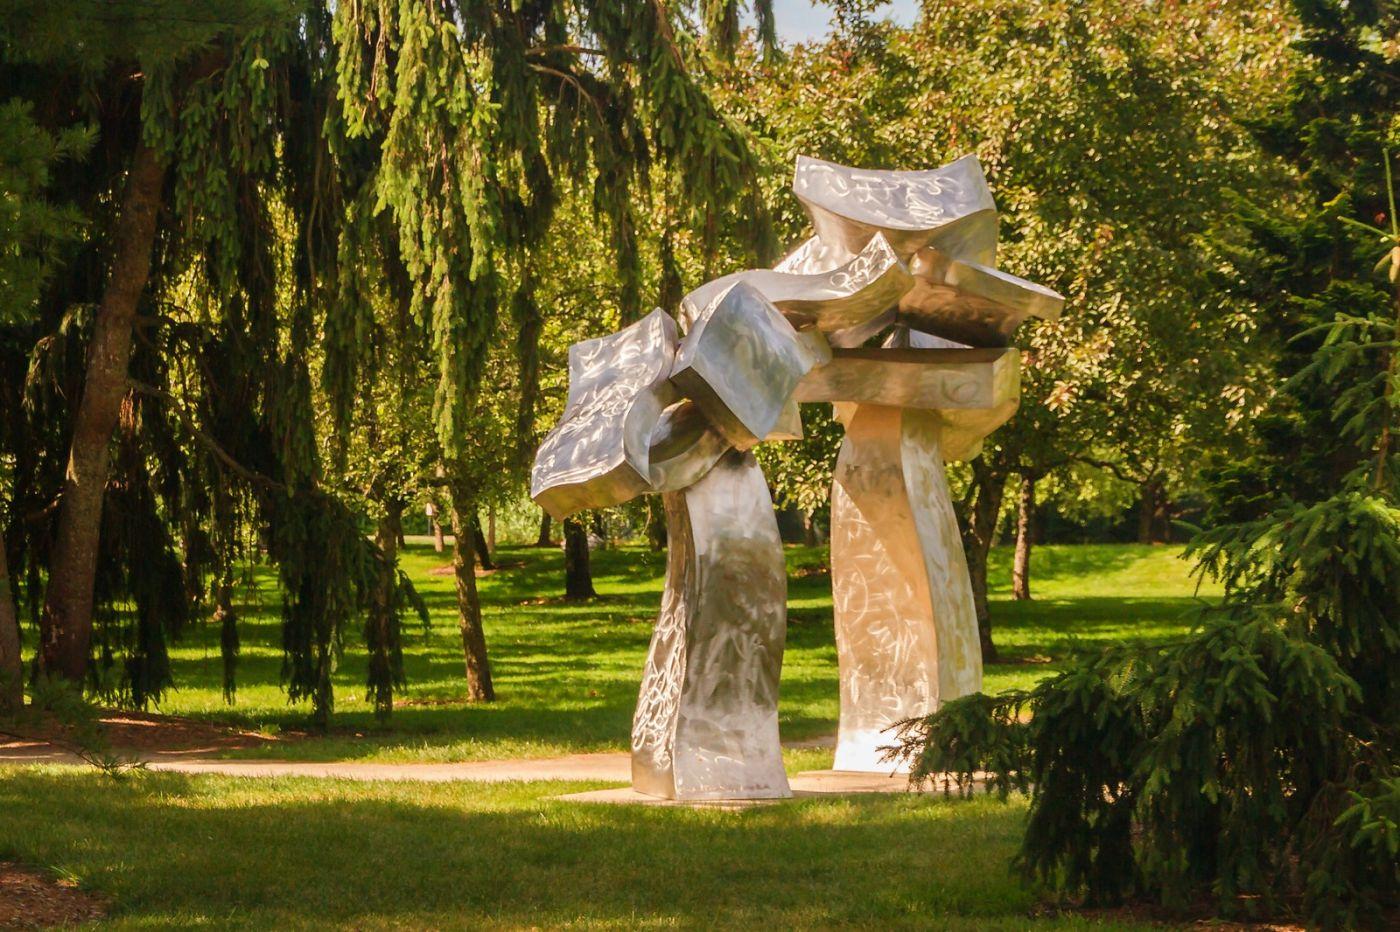 新澤西州雕塑公園(Grounds for scuplture),題材很廣_圖1-20